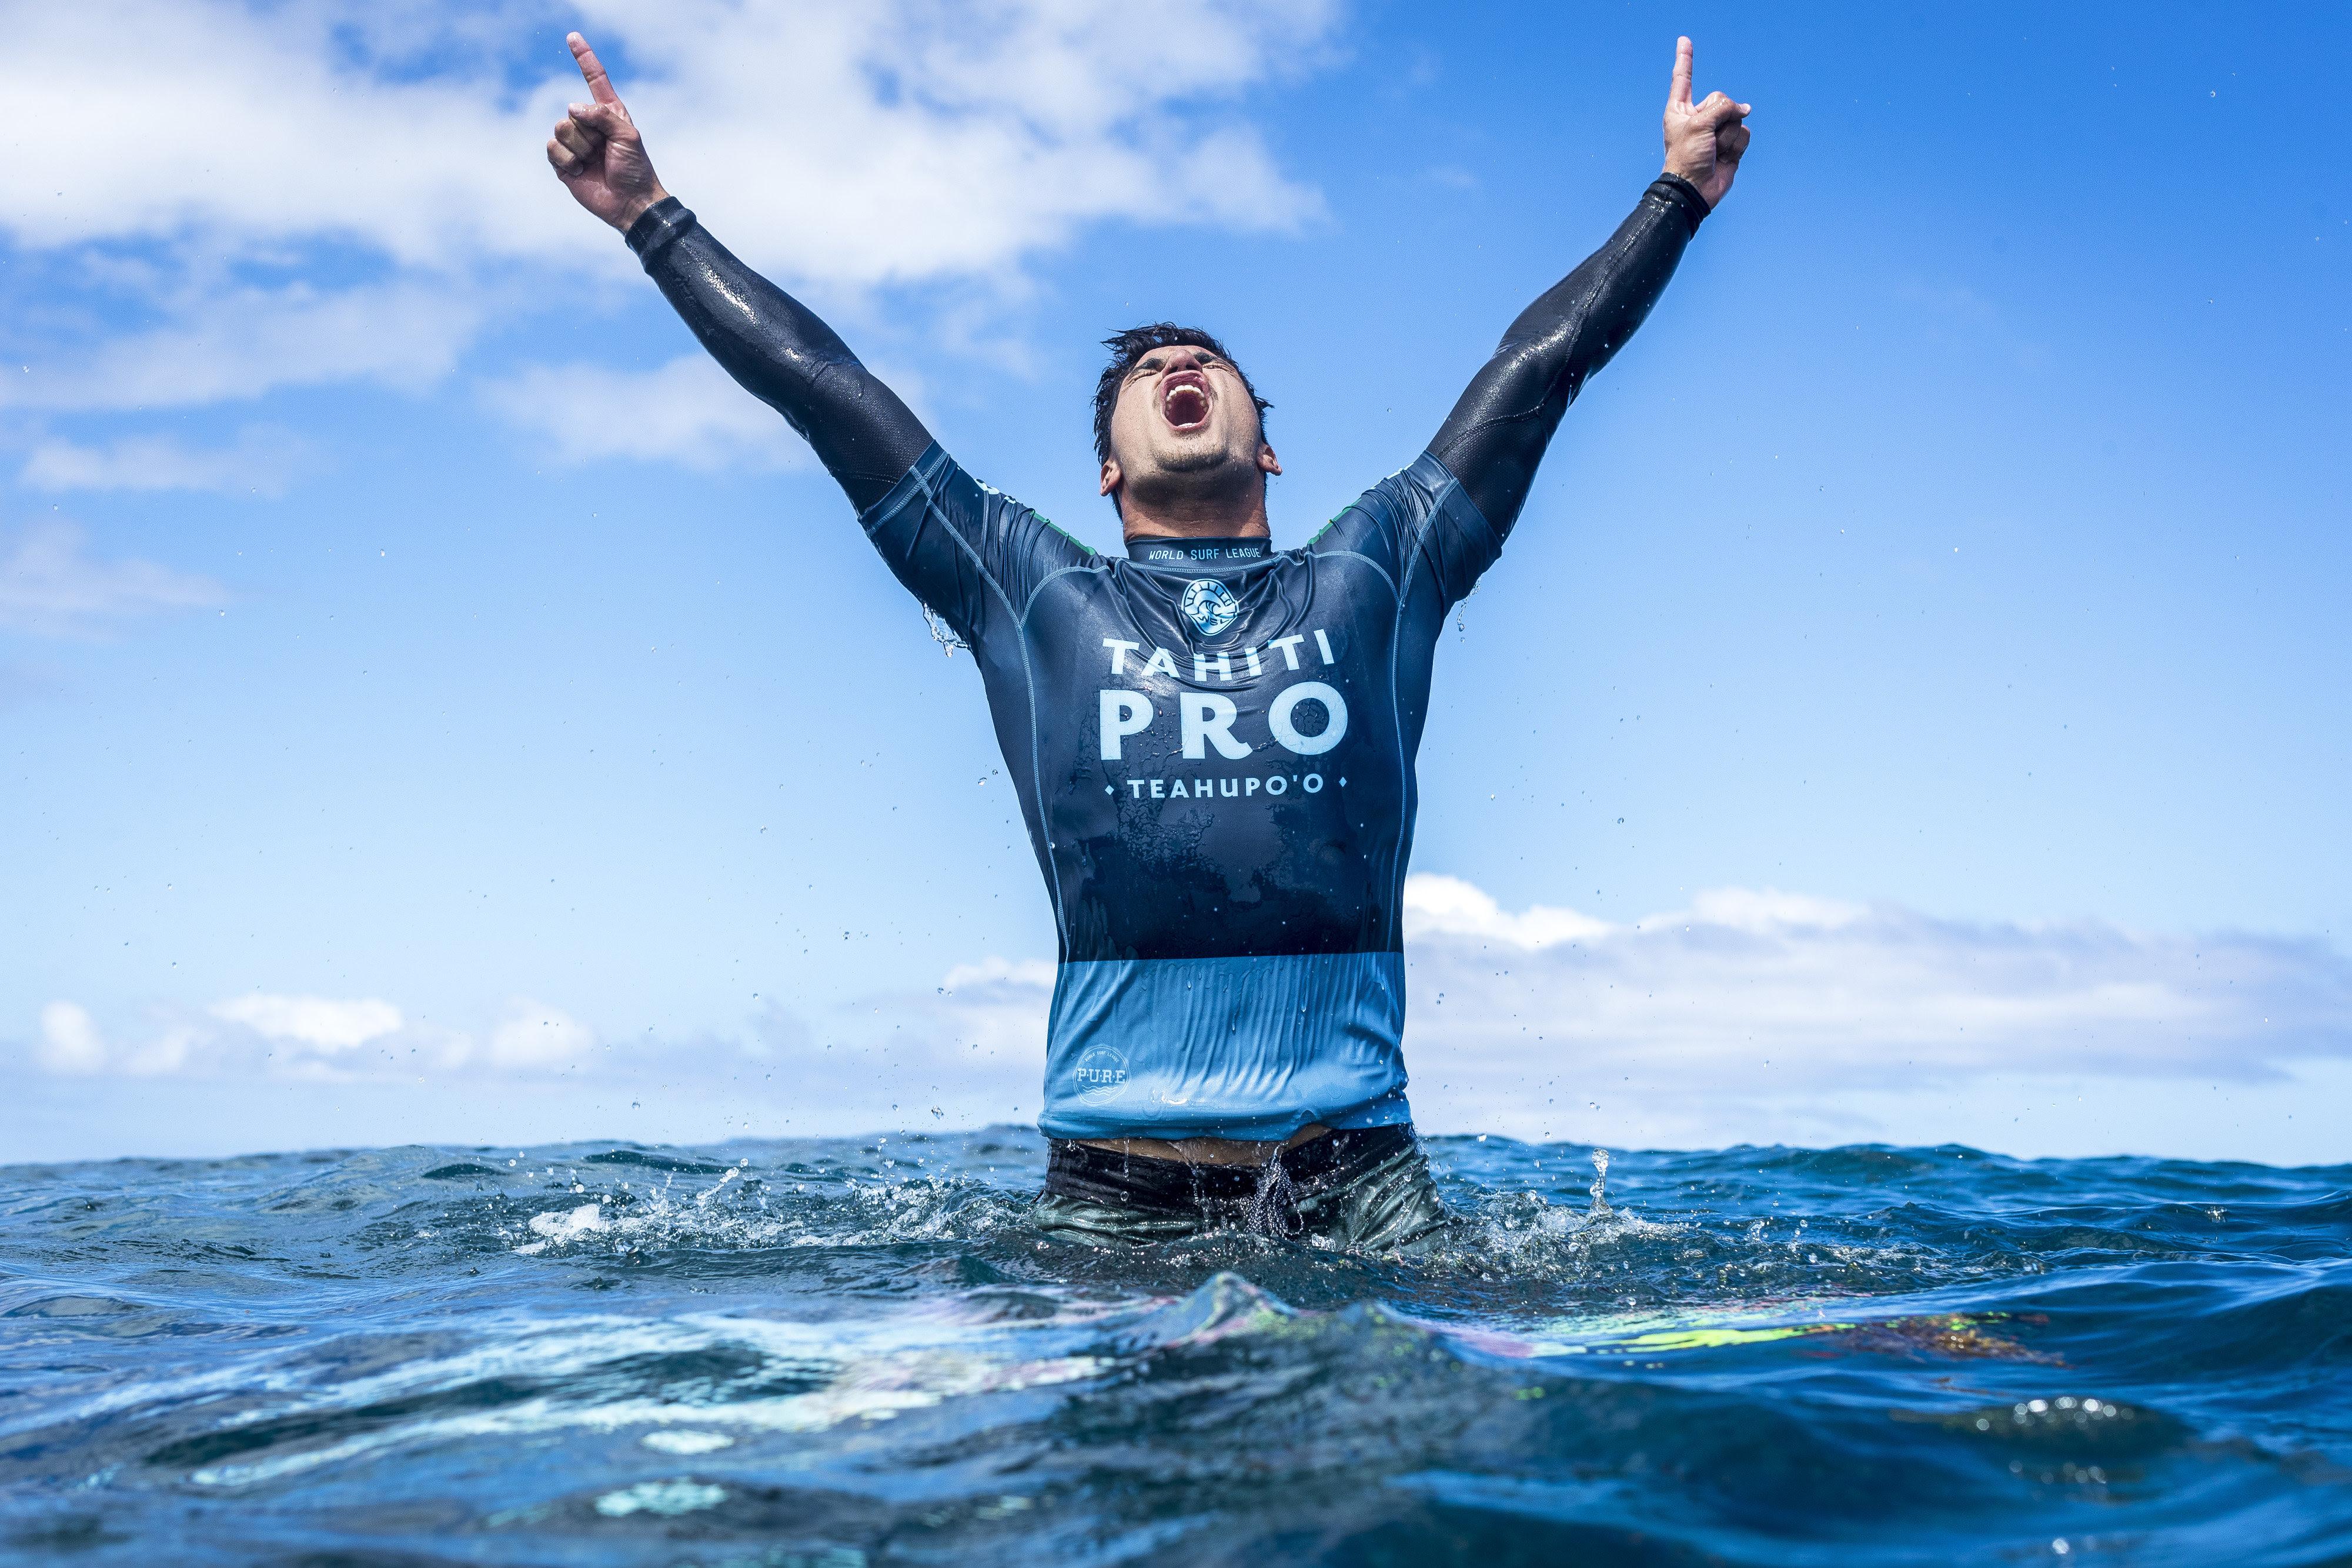 Brazil's Gabriel Medina Claims Victory at Tahiti Pro Teahupo'o